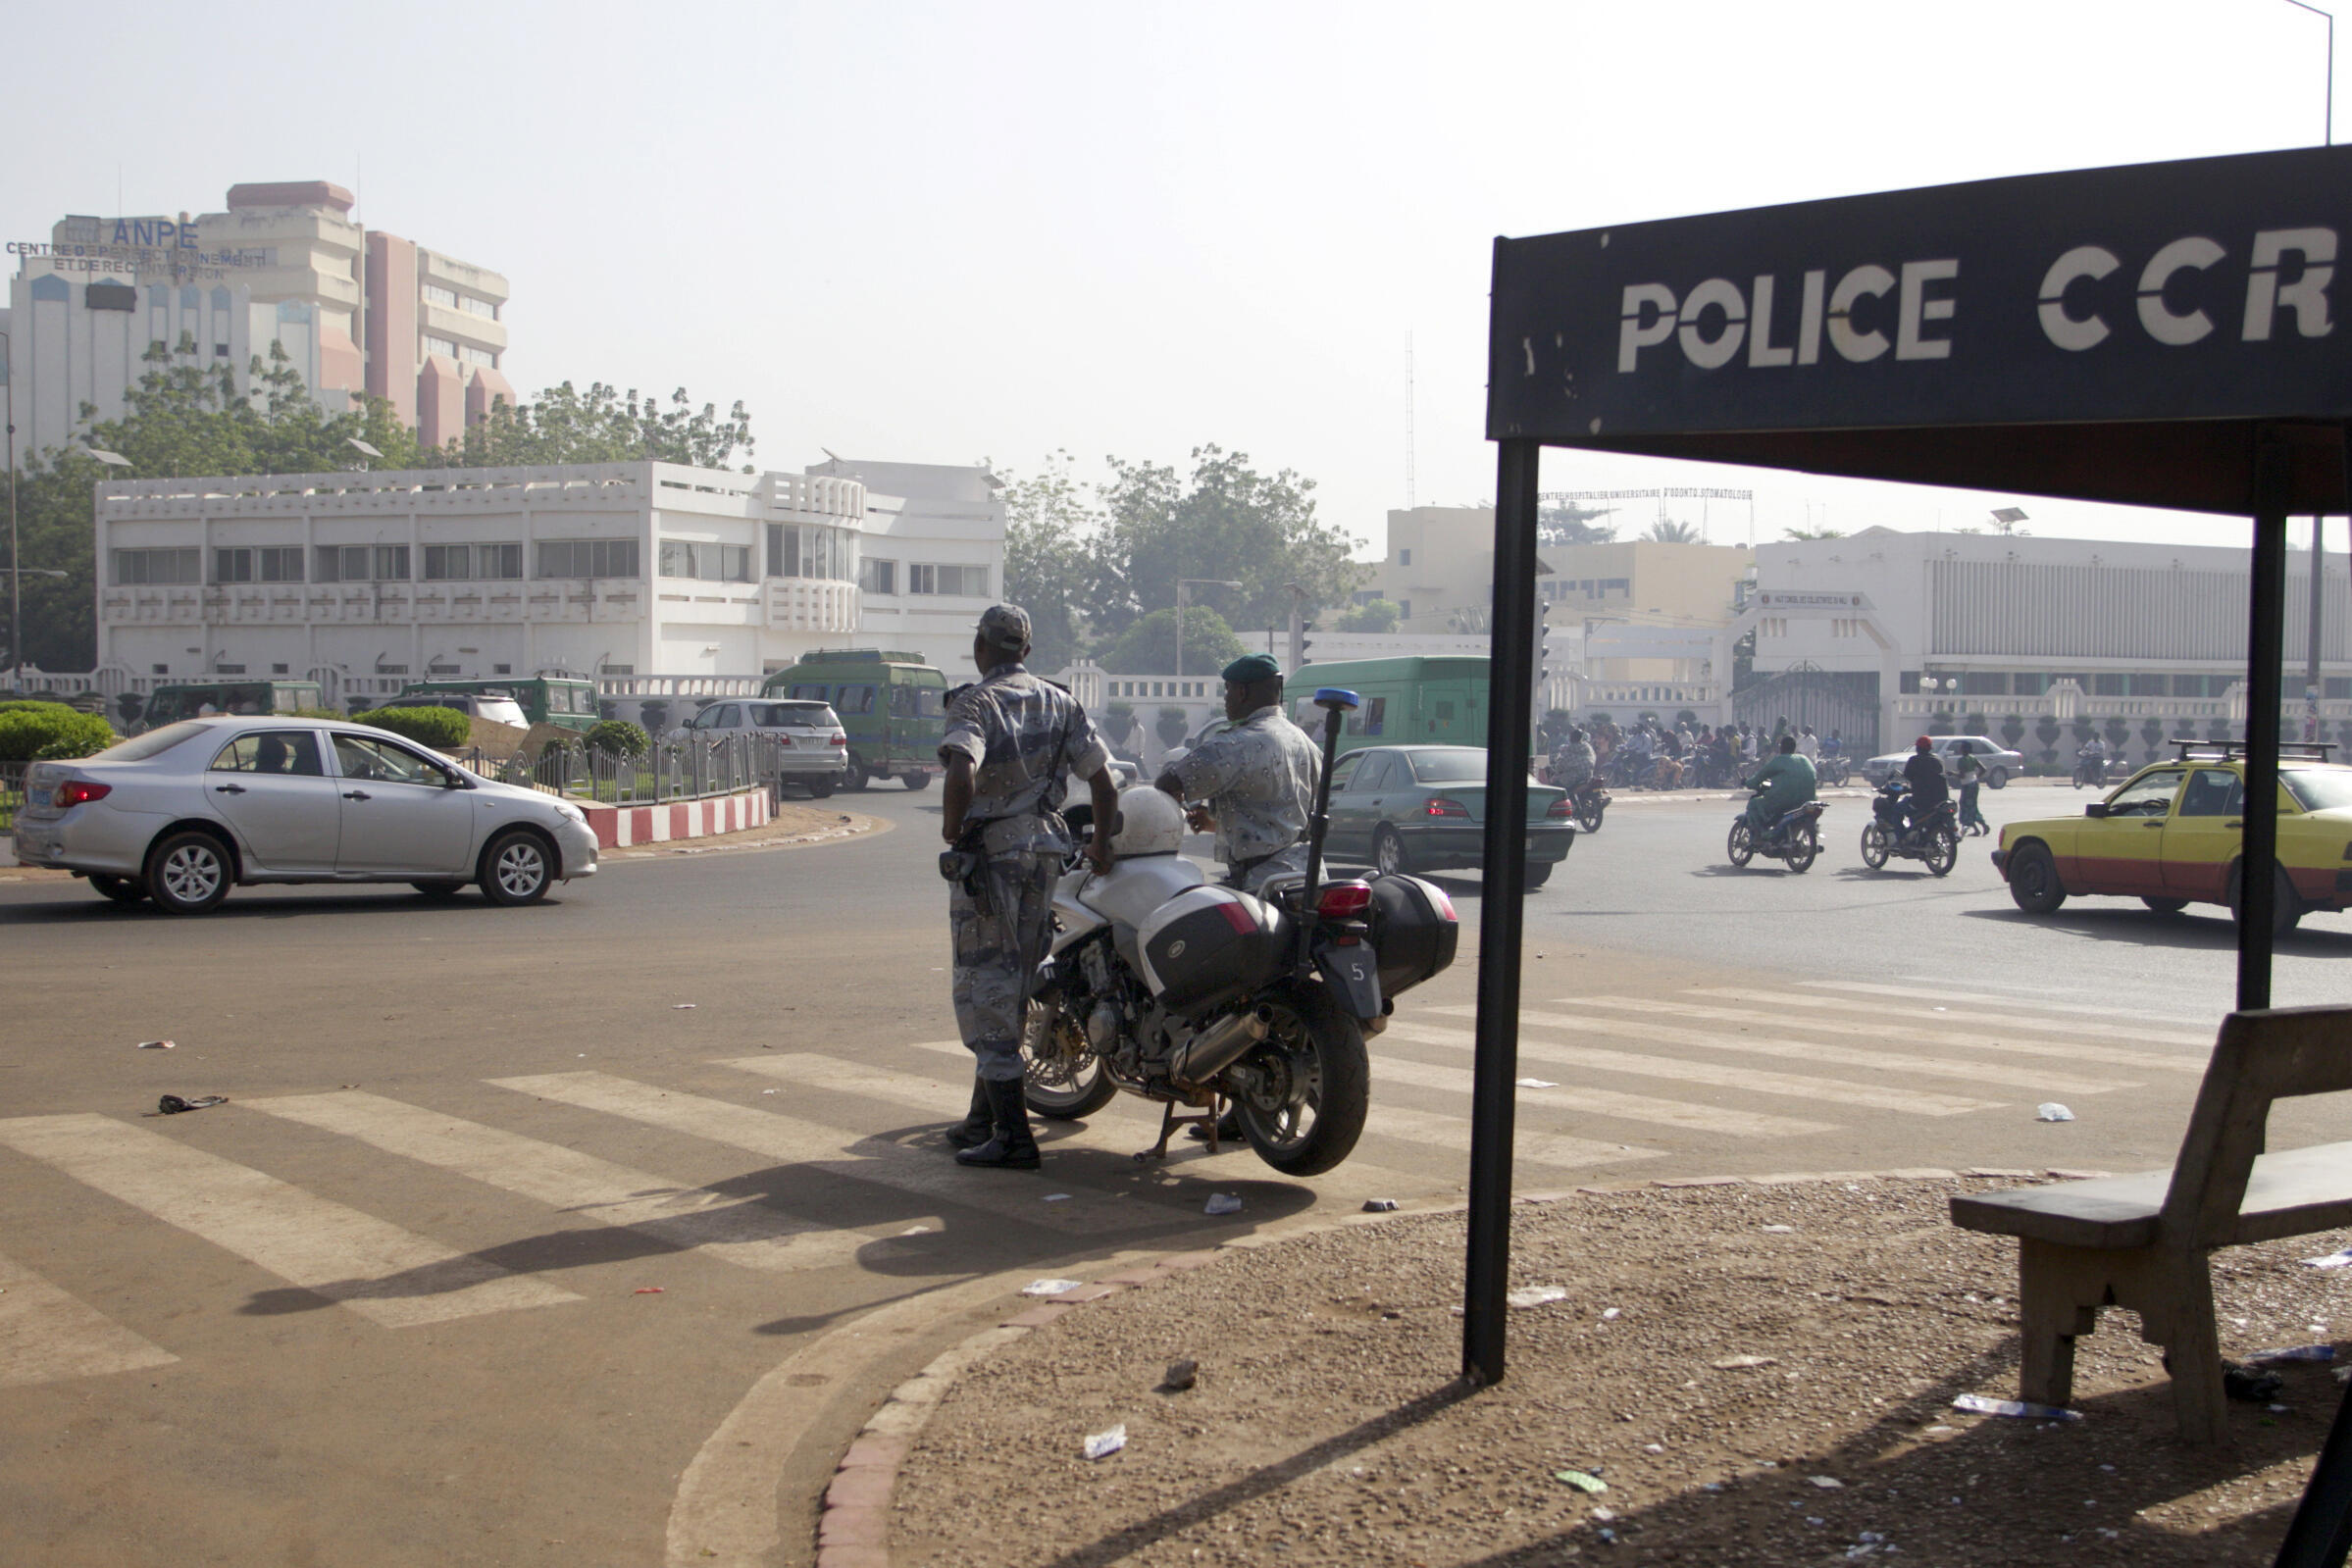 Contrôle de police dans le centre-ville de Bamako, Mali (photo d'illustration).